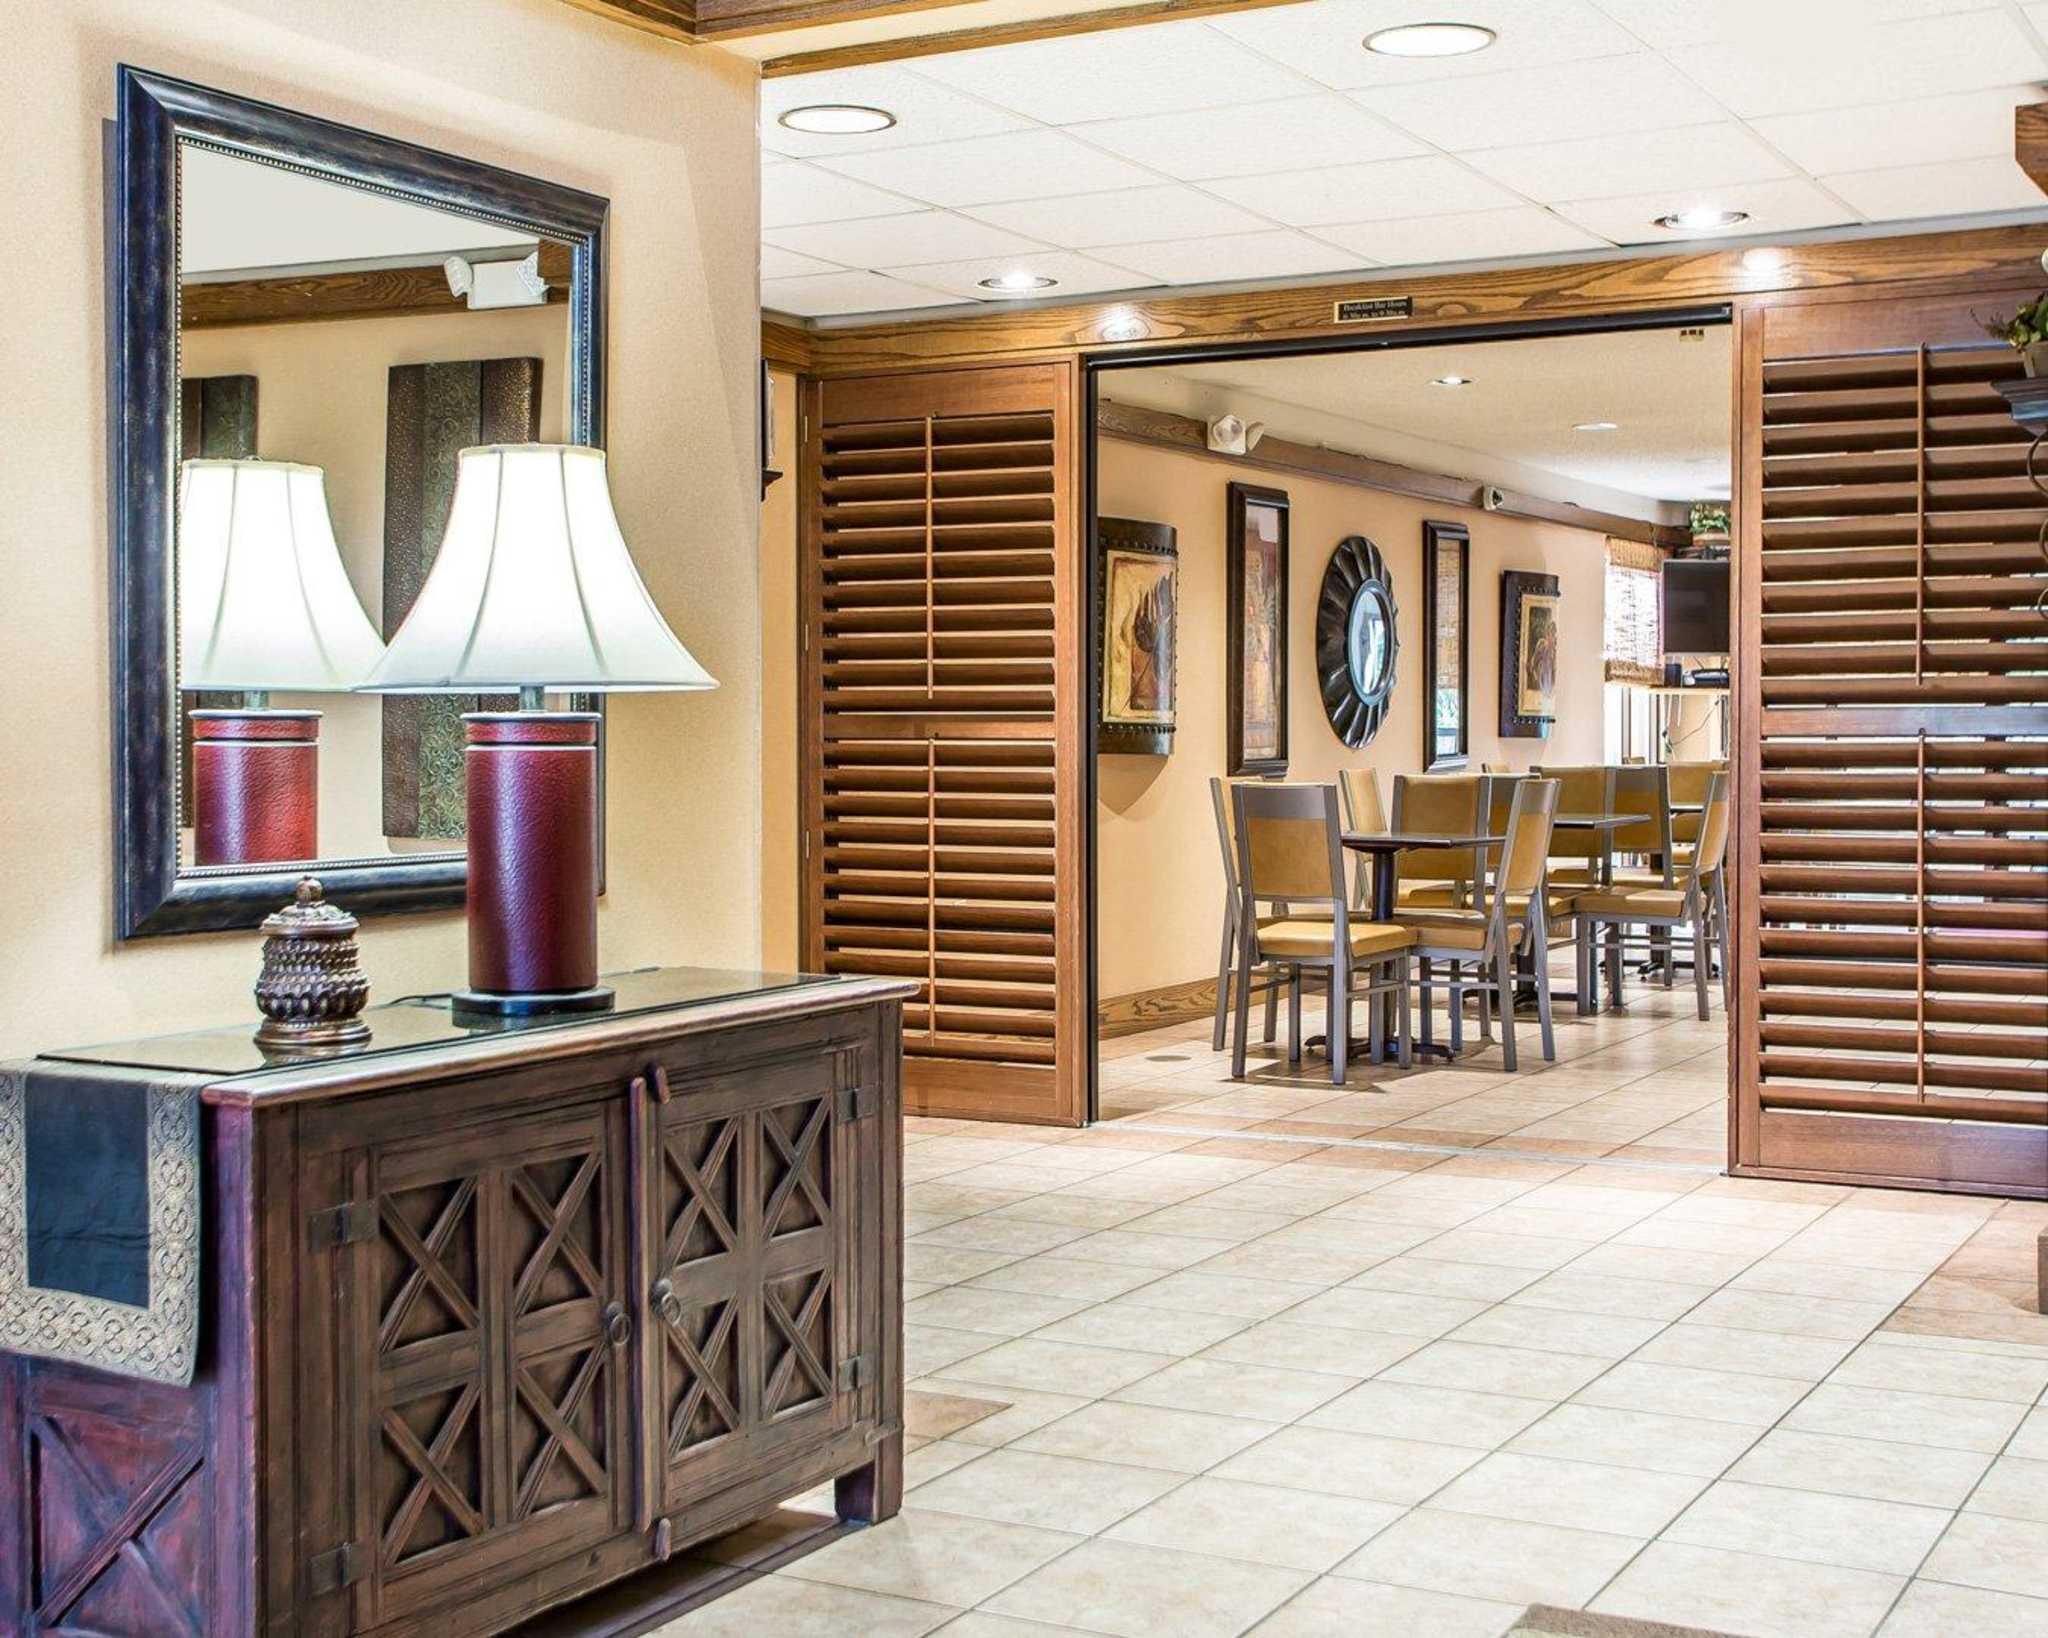 Quality Inn St. Robert - Ft. Leonard Wood image 18